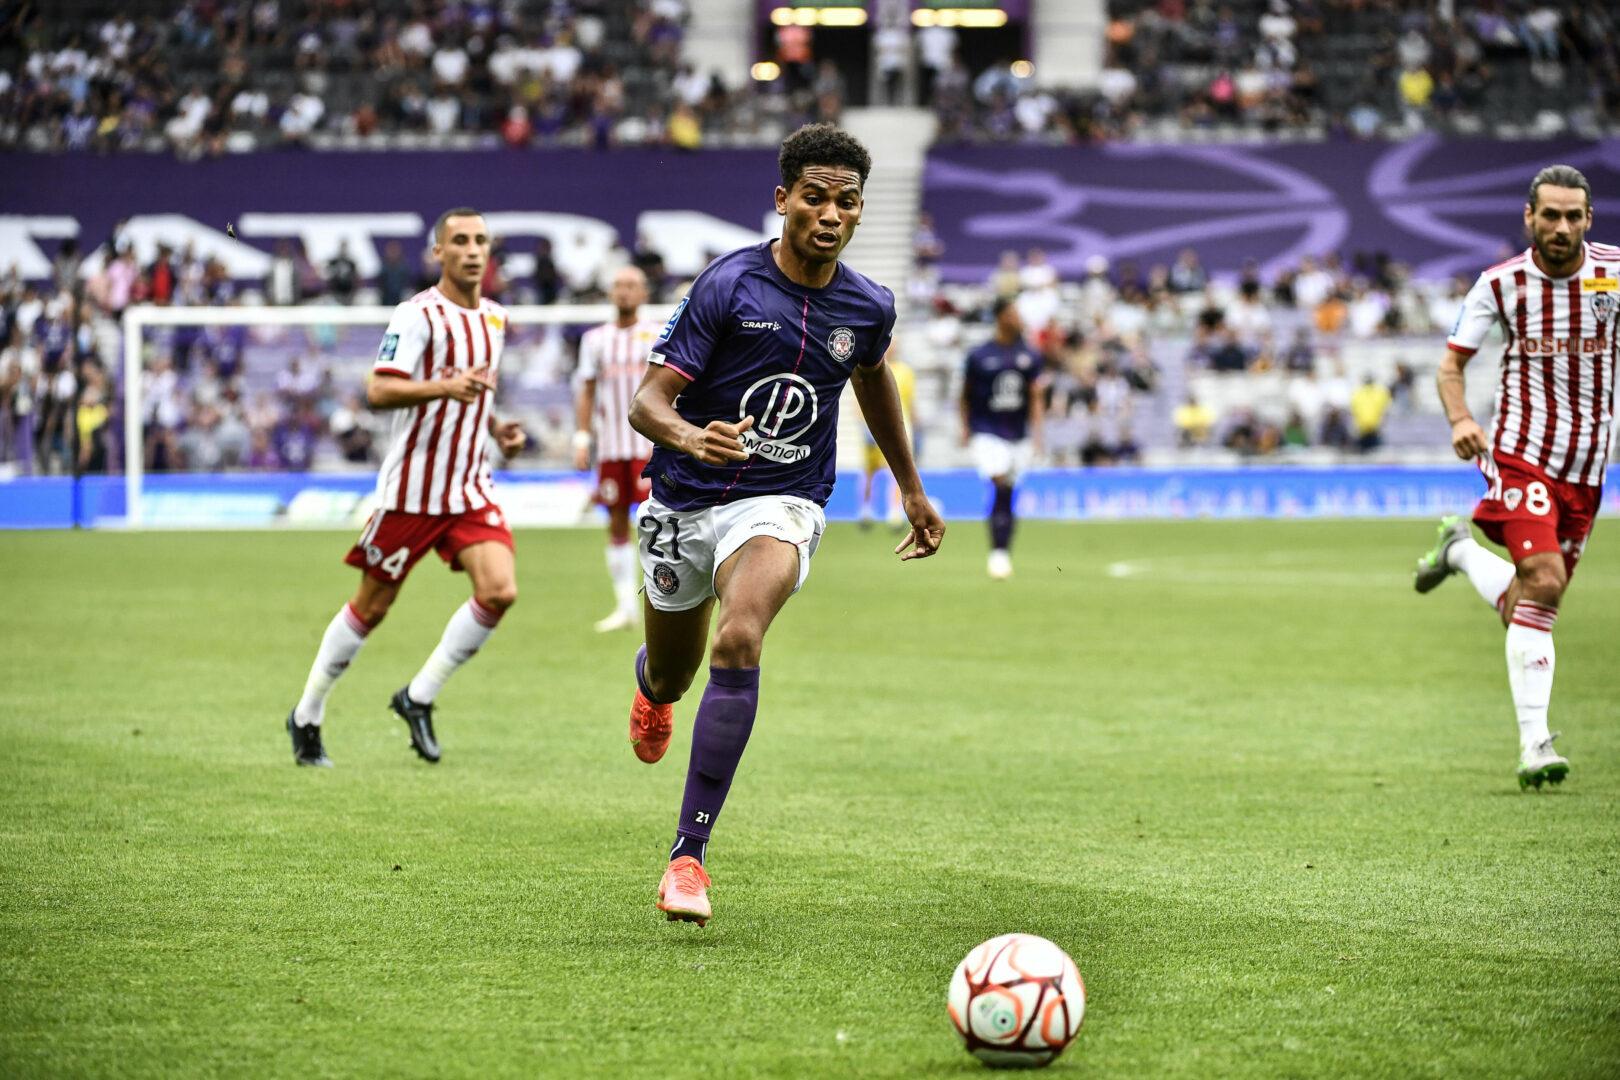 Amine Adli vom FC Toulouse treibt den Ball nach vorne